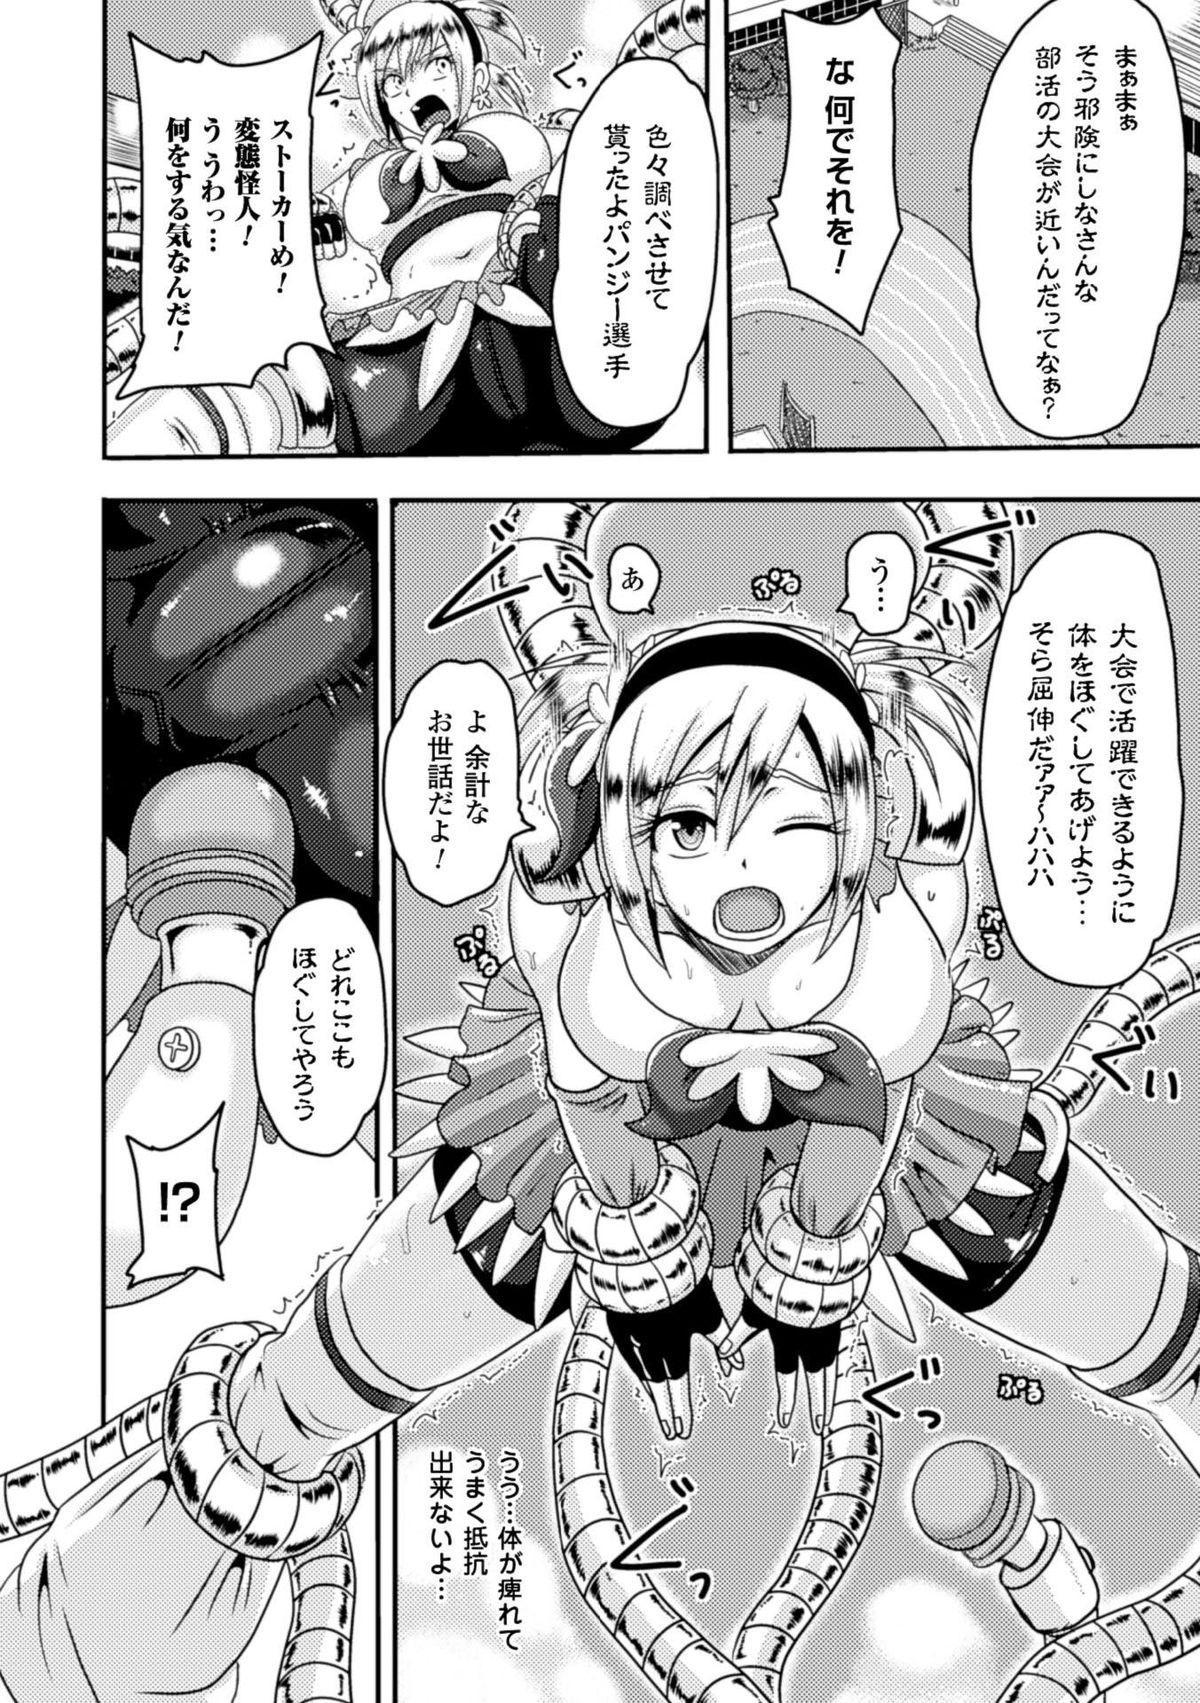 Kikaikan de Monzetsu Iki Jigoku! Vol. 1 31